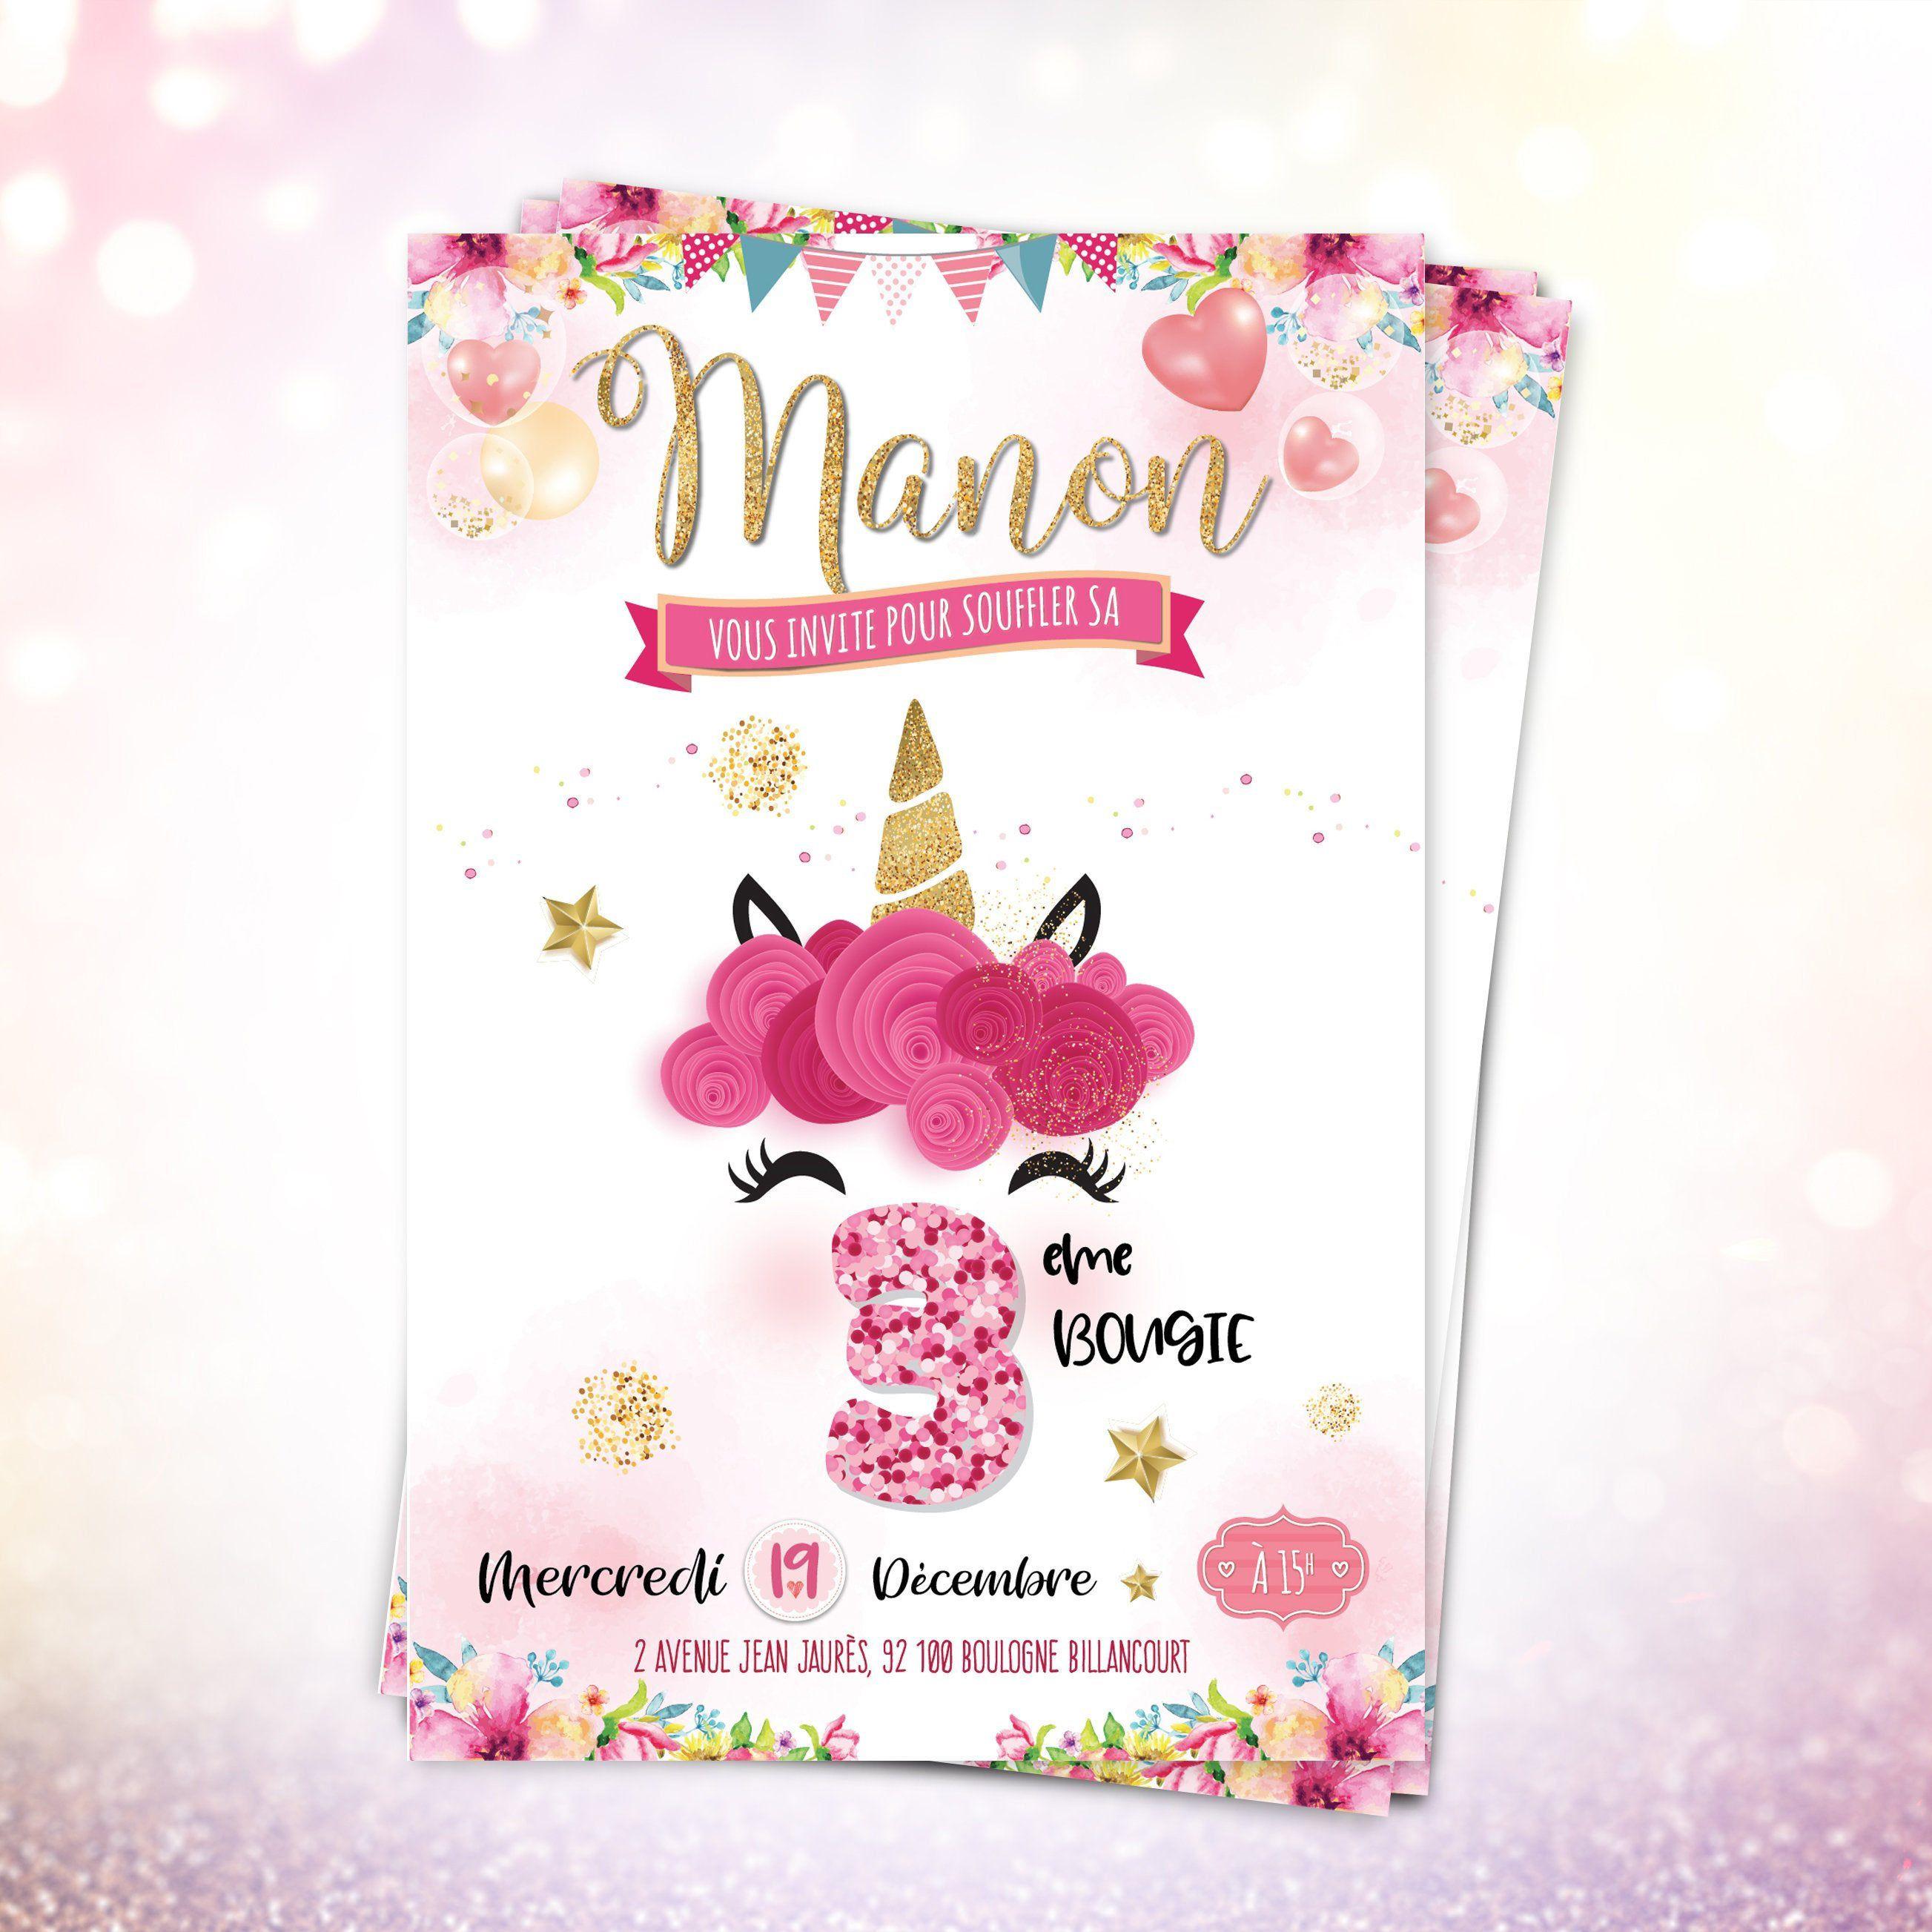 Invitation anniversaire fille - Licorne - Carton invitation enfant - Carte Invitation ...